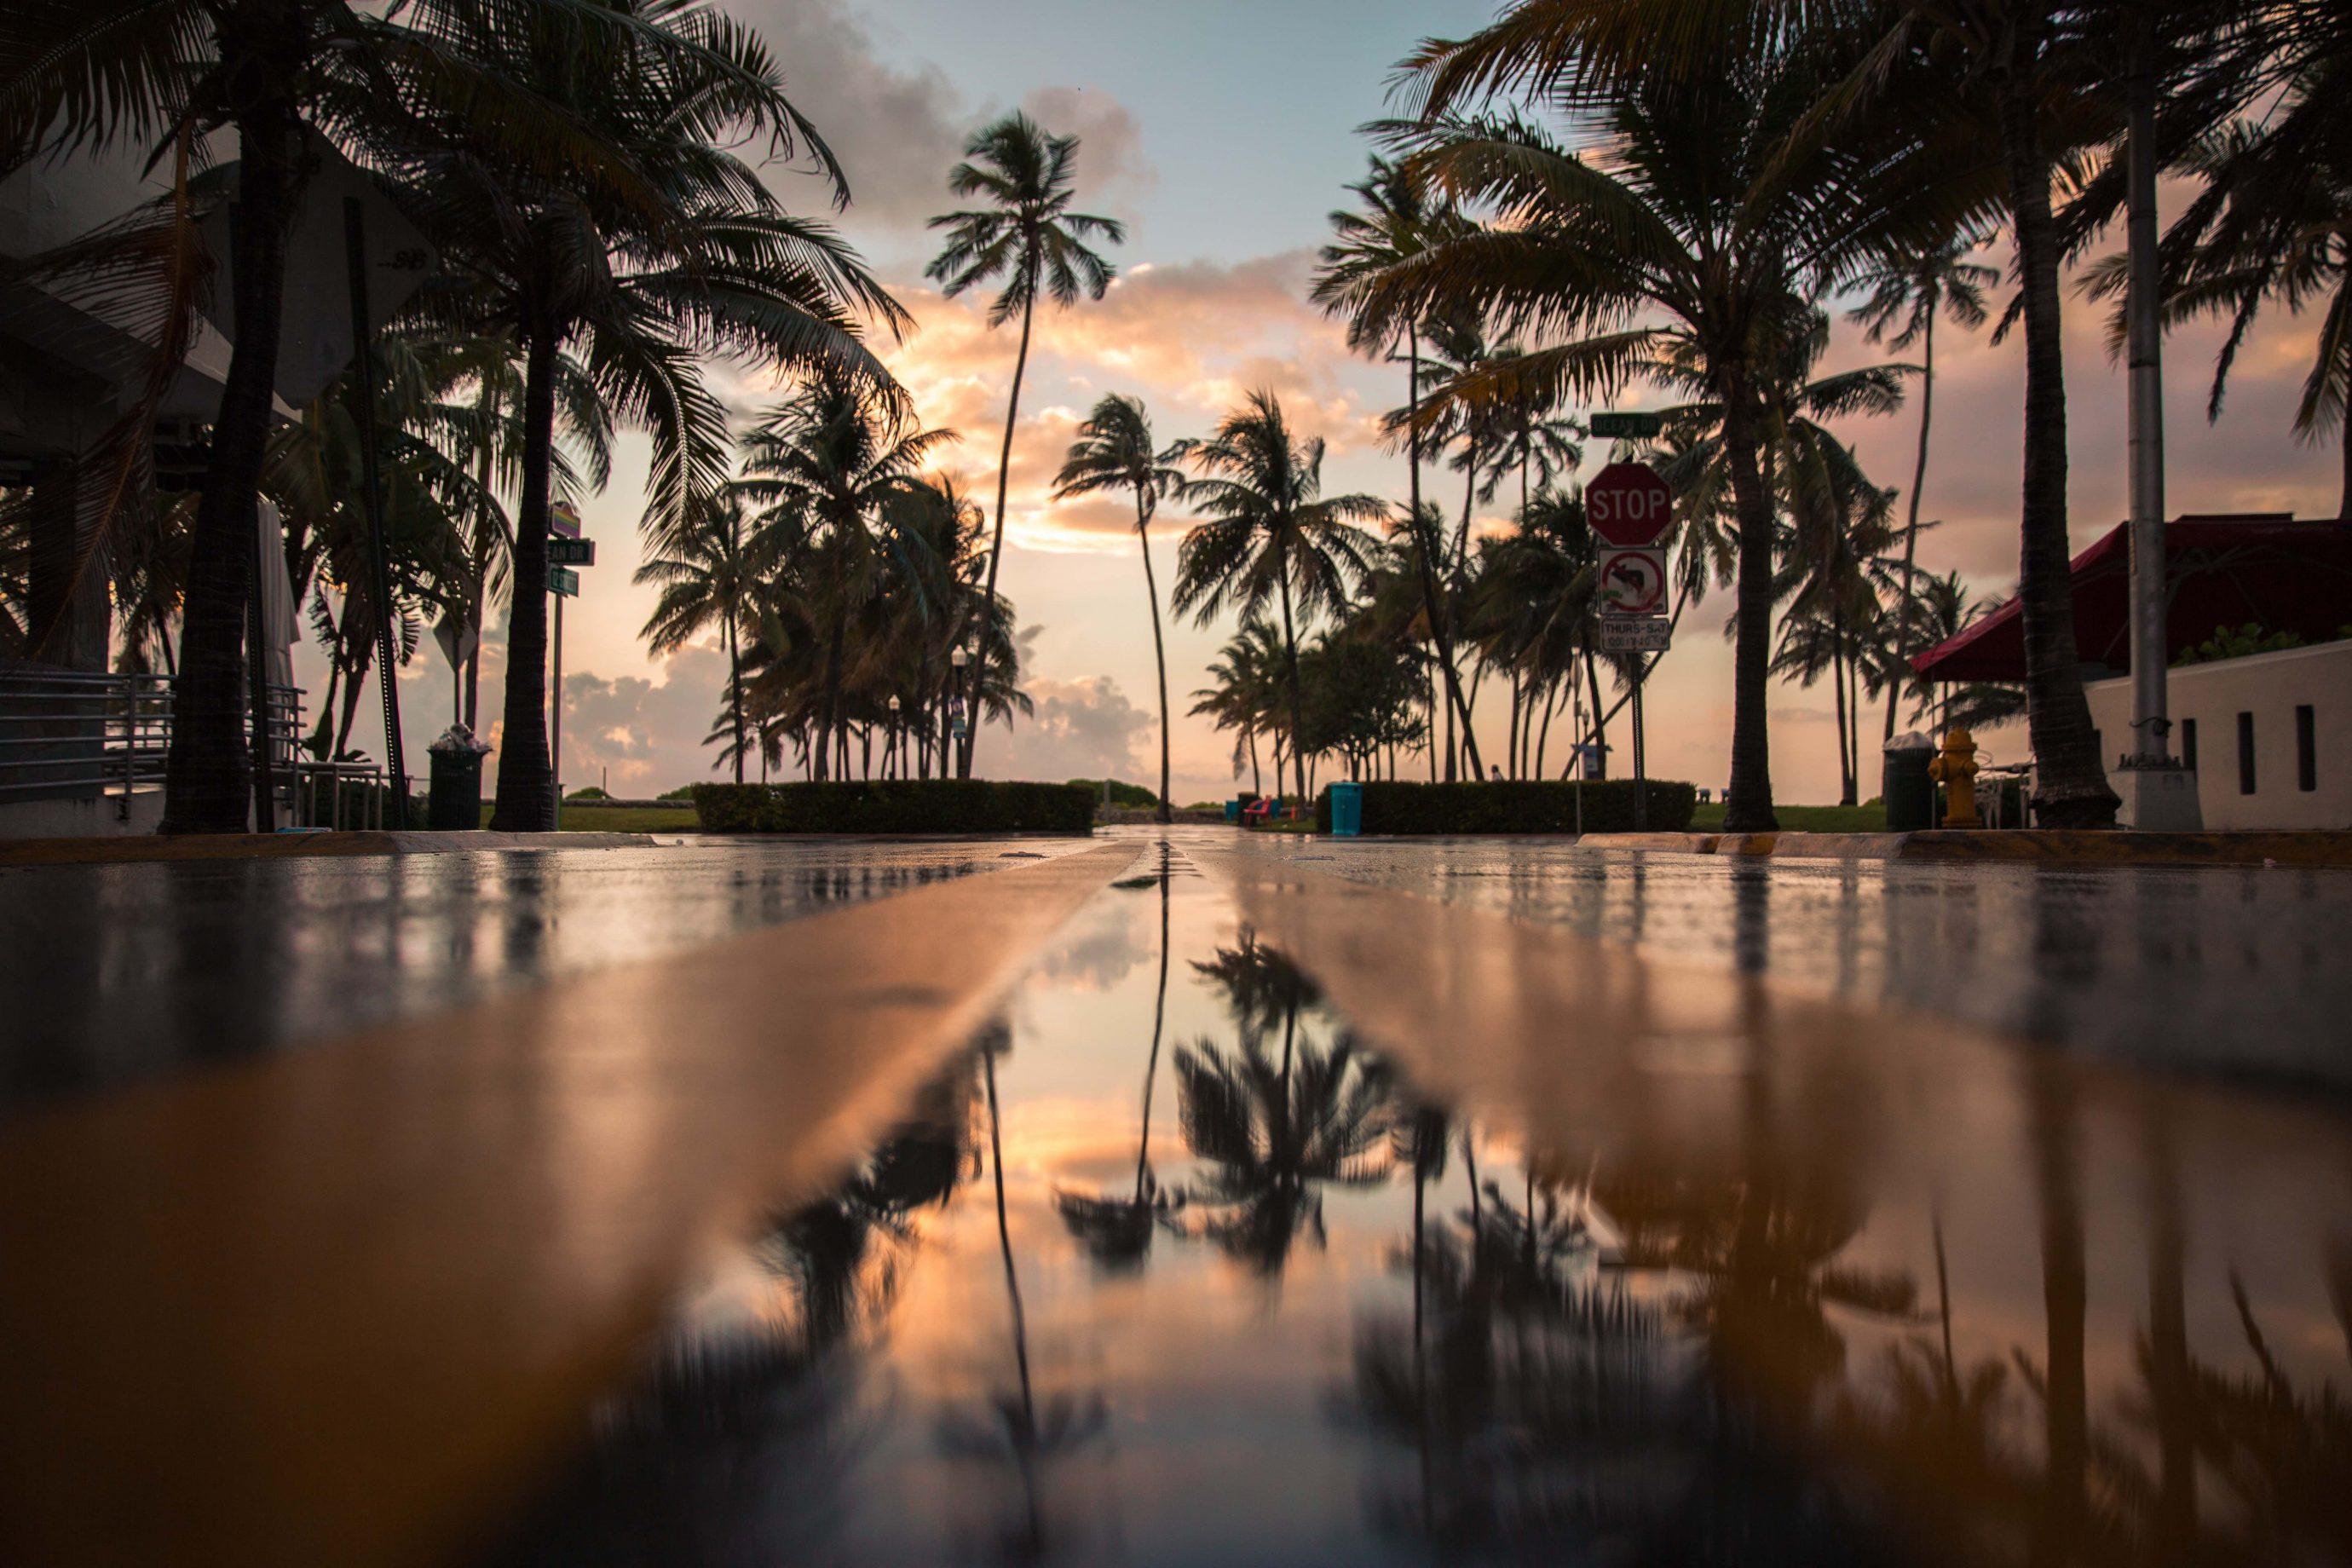 saison quand visiter Miami a quelle saison visiter Miami quelle saison pour visiter la floride visites guidées de miami en français miami off road